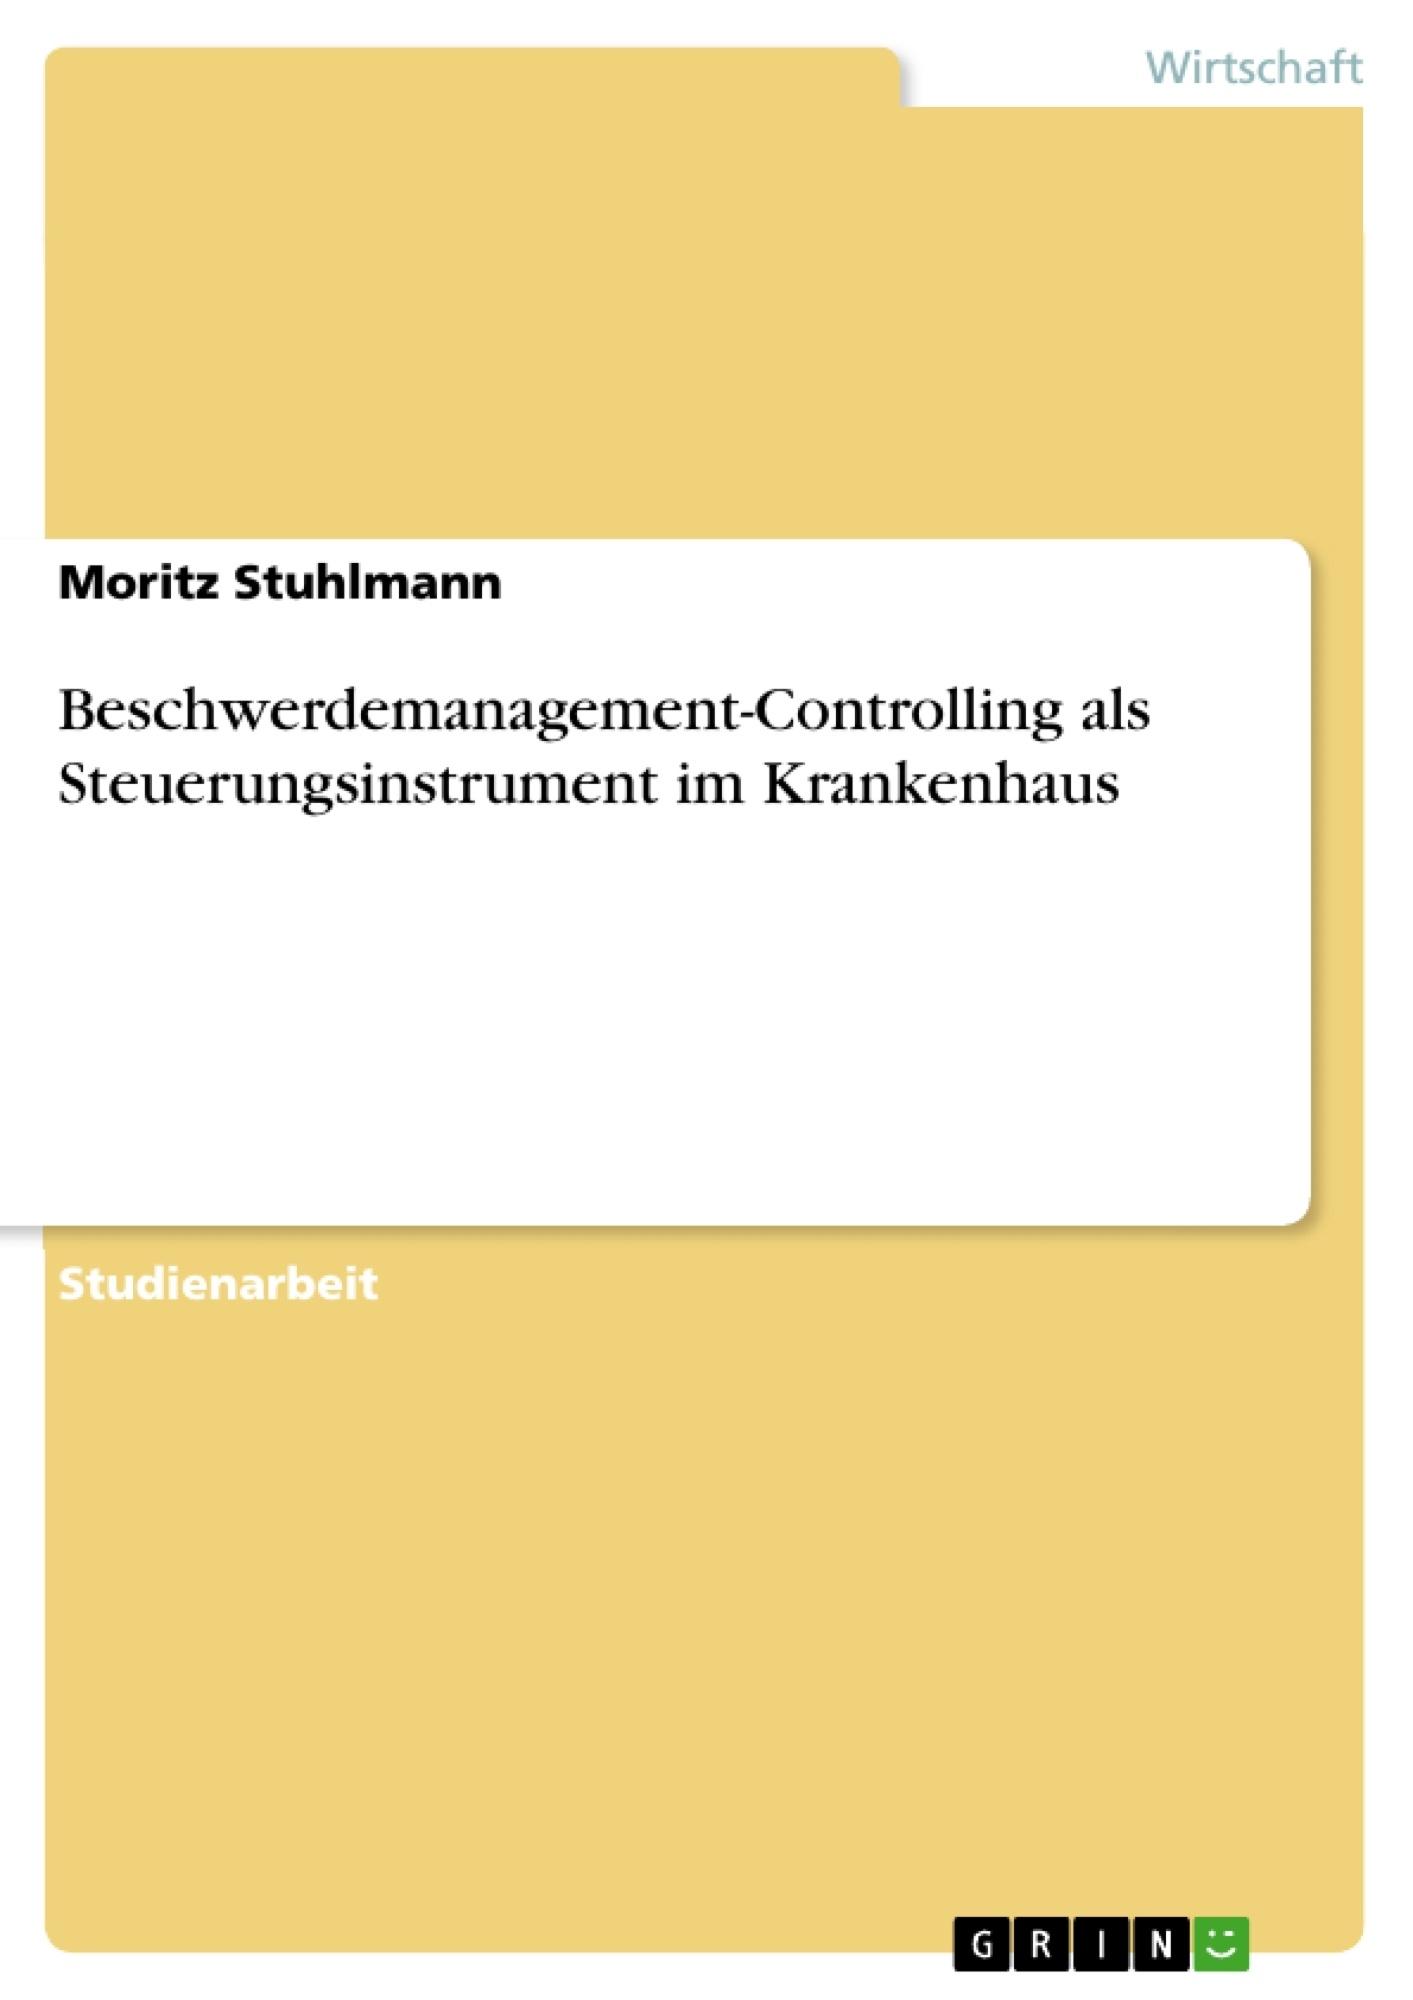 Titel: Beschwerdemanagement-Controlling als Steuerungsinstrument im Krankenhaus